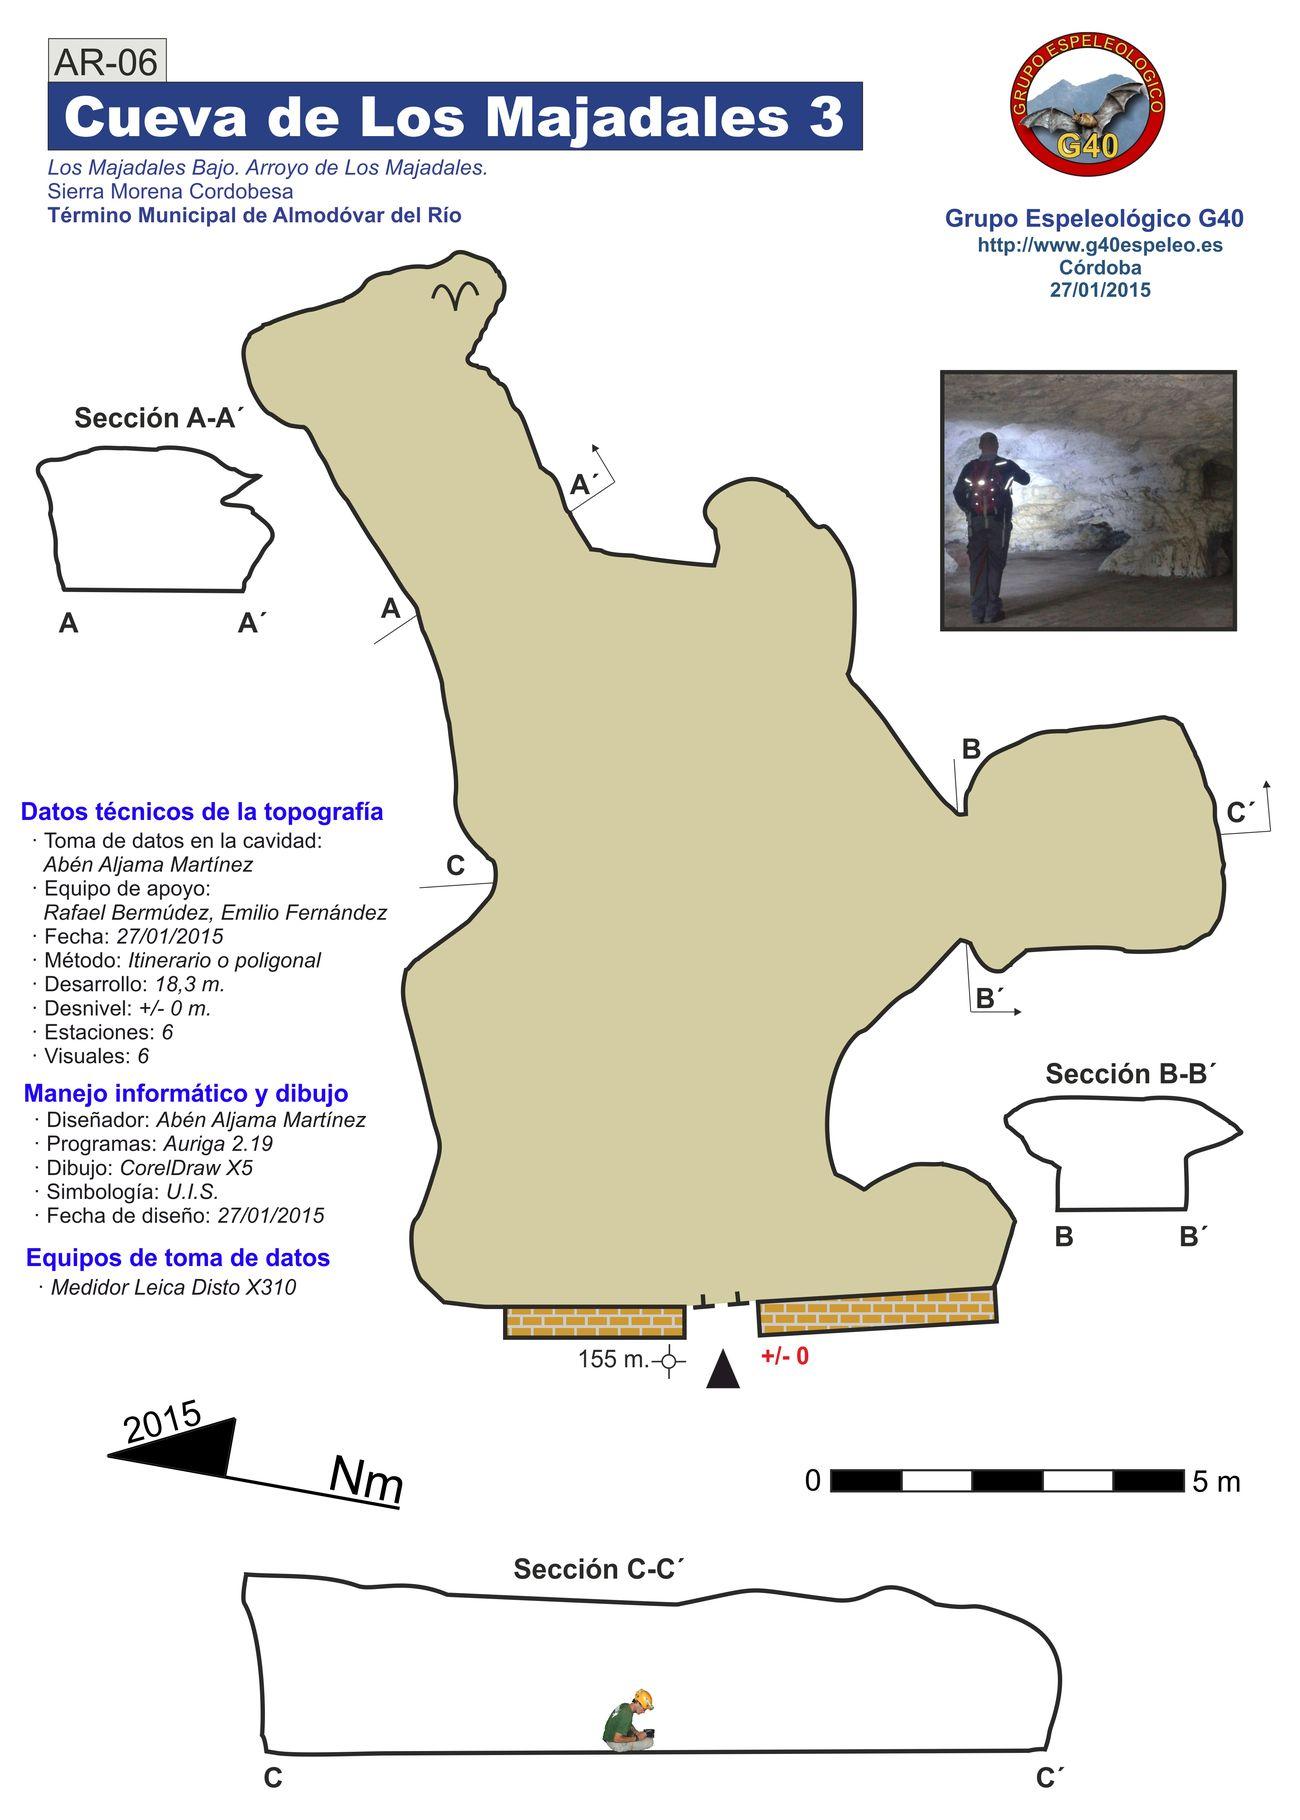 Topografía de la Cueva de Los Majadales 3